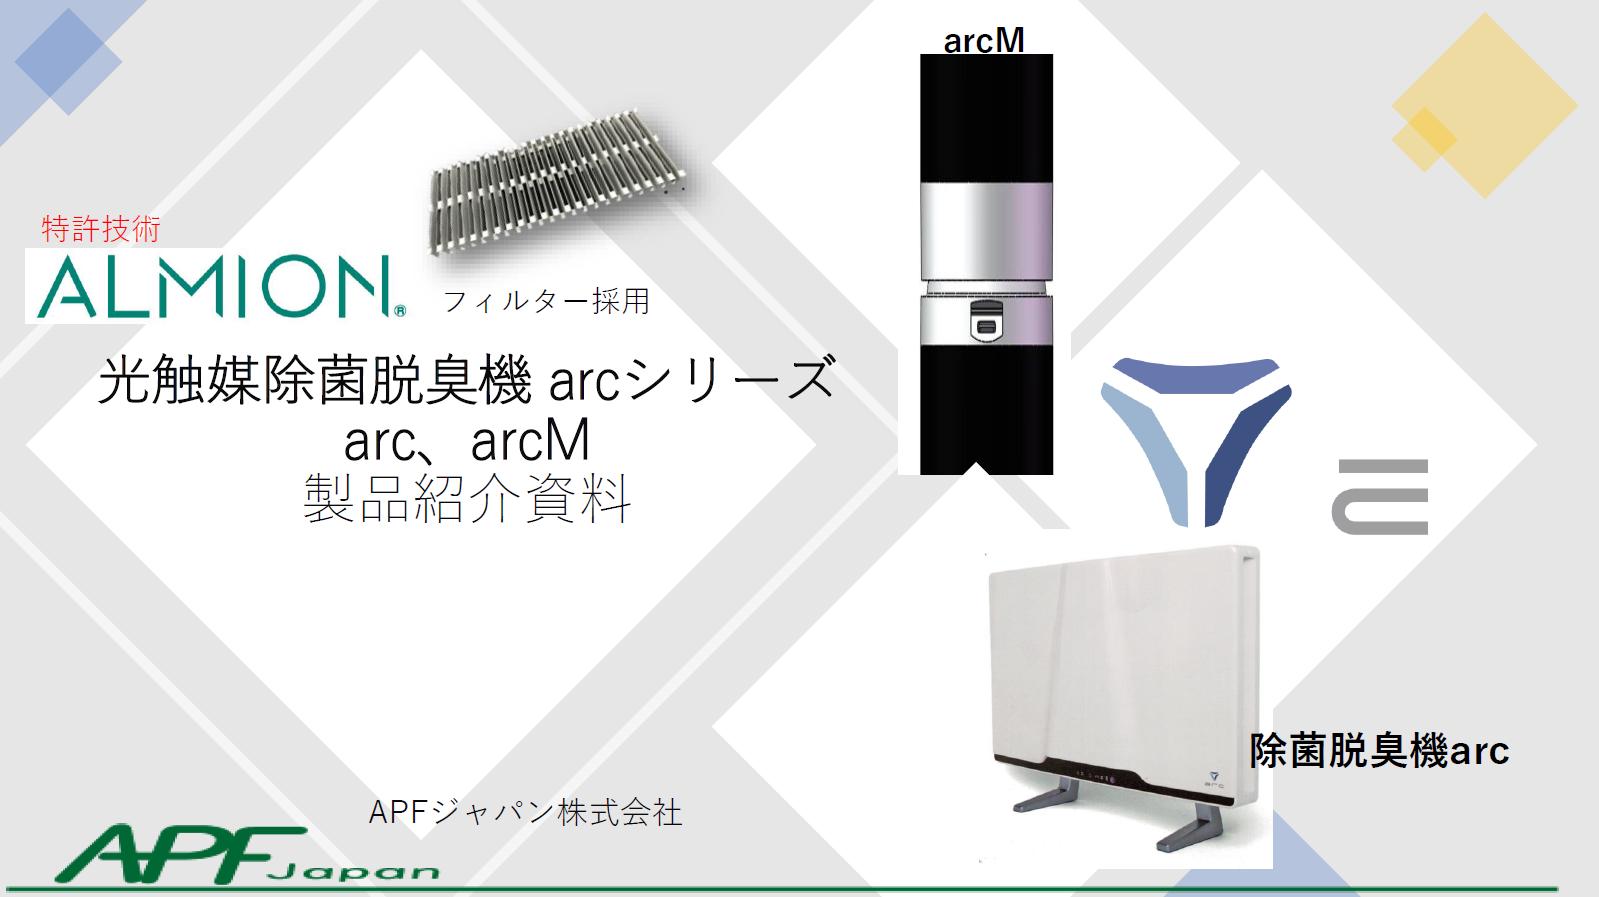 『arc、arcM』製品紹介資料